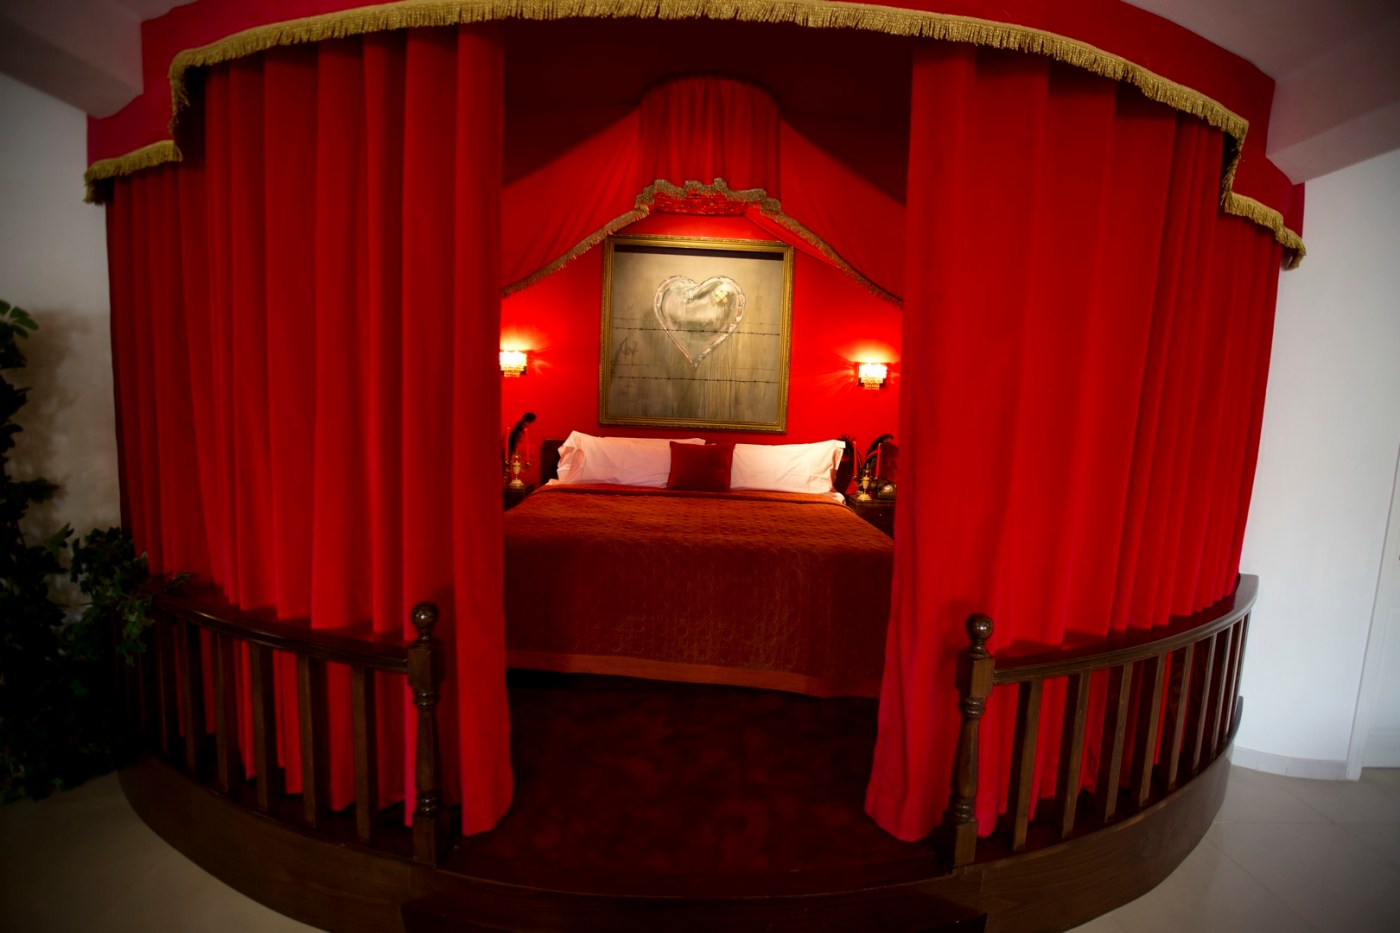 El sello del dibujante urbano marca cada estancia del hotel 'The Walled Off' que cuenta con 10 dormitorios. (AP)